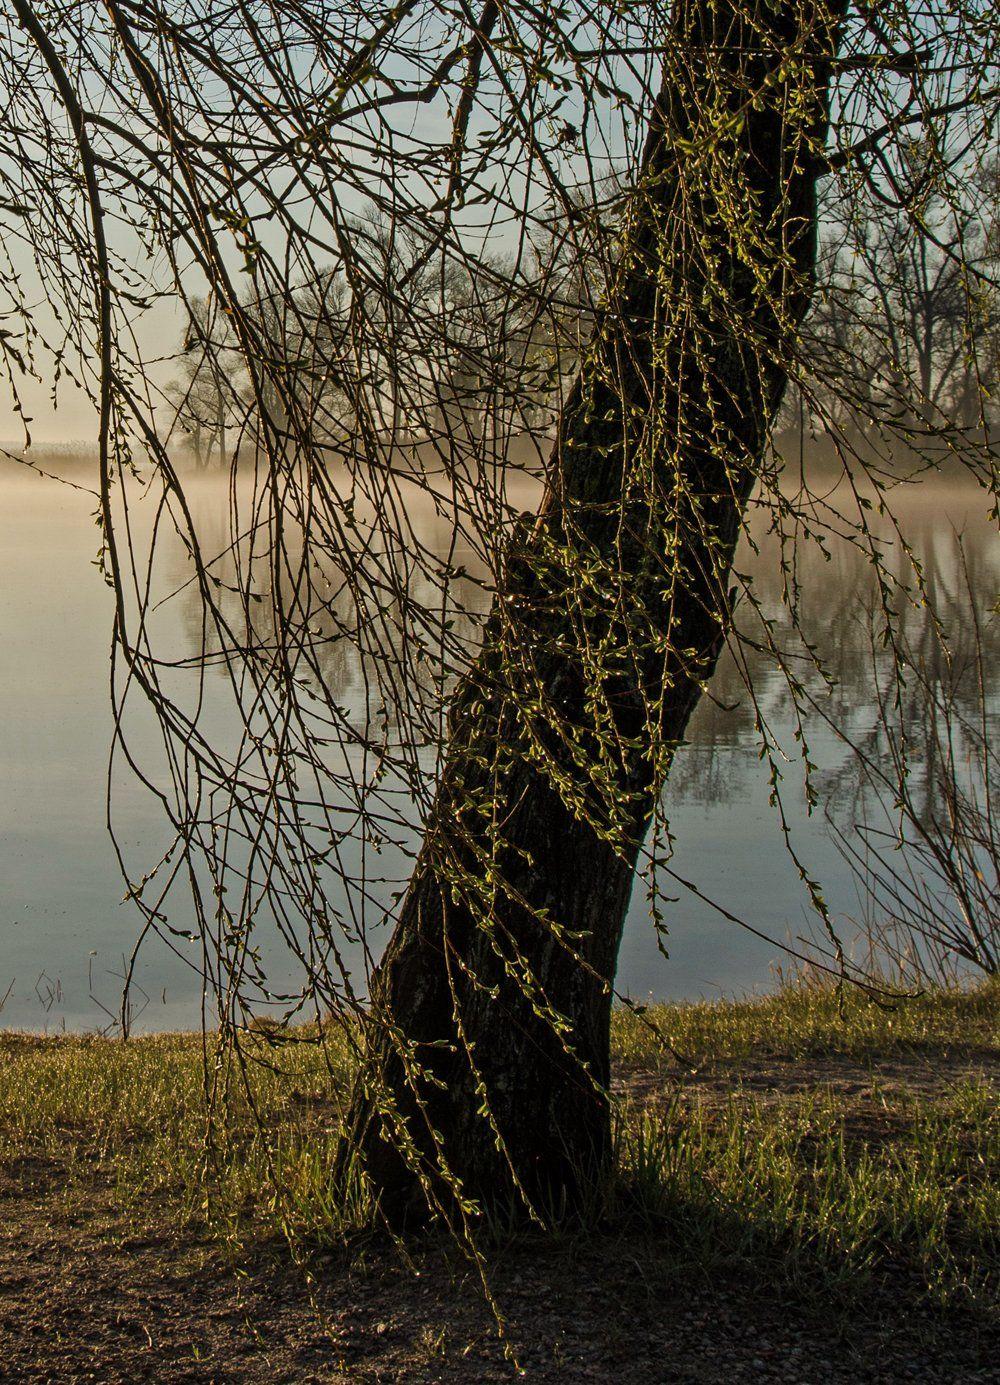 март, восход, рассвет, туман, река, первые листочки, Валерий Наумов